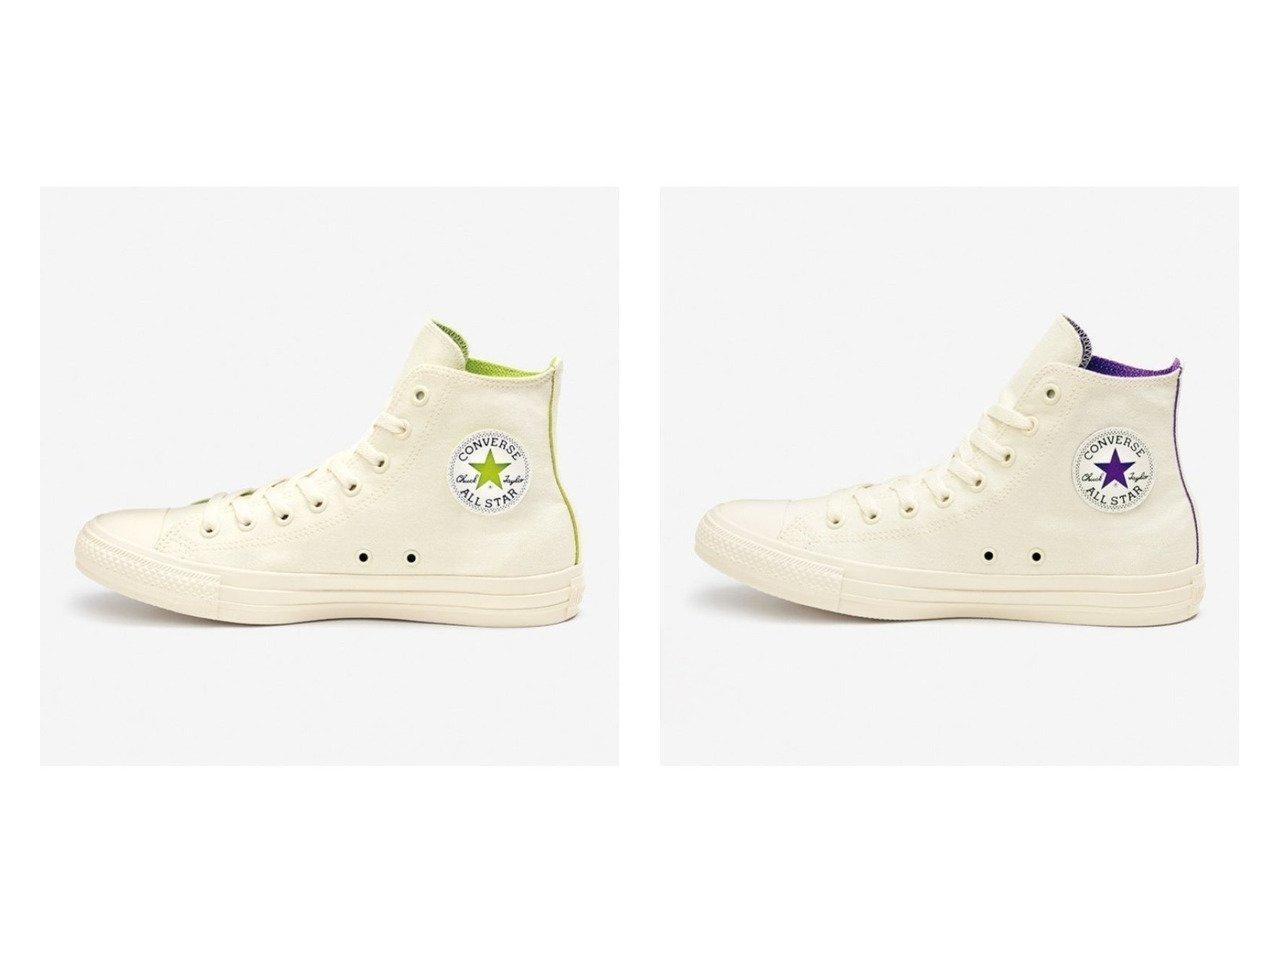 【CONVERSE/コンバース】のALL STAR COSMOINWHITE HI 【シューズ・靴】おすすめ!人気、トレンド・レディースファッションの通販 おすすめで人気の流行・トレンド、ファッションの通販商品 メンズファッション・キッズファッション・インテリア・家具・レディースファッション・服の通販 founy(ファニー) https://founy.com/ ファッション Fashion レディースファッション WOMEN NEW・新作・新着・新入荷 New Arrivals アンクル インソール シューズ シンプル スニーカー スリッポン パッチ パープル ビビッド ライニング |ID:crp329100000028469